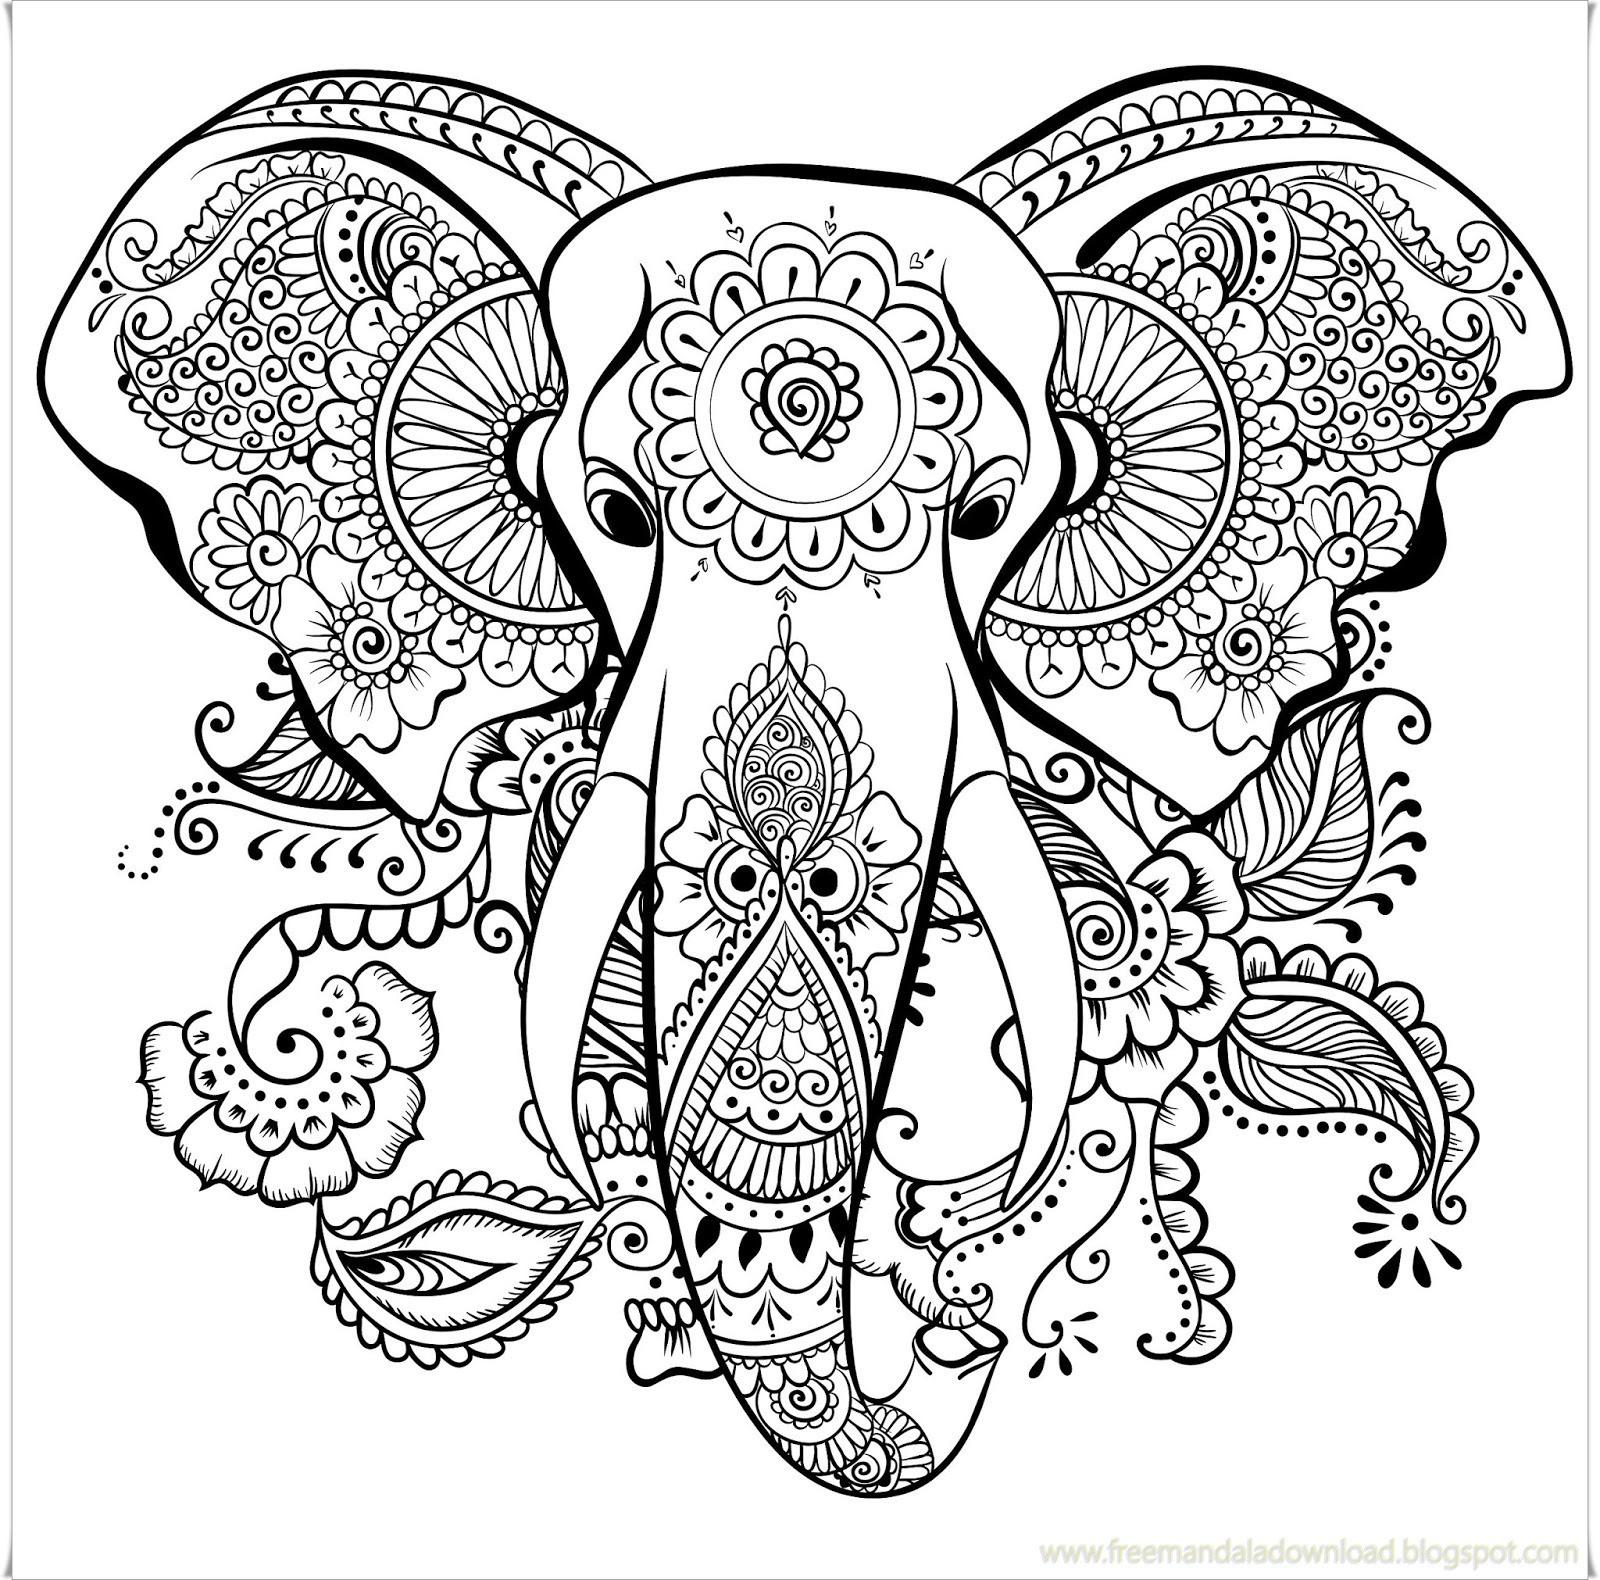 Mandala Zum Ausdrucken Erwachsene Frisch 28 Neu Ausmalbilder Für Erwachsene Blumen Mickeycarrollmunchkin Fotos